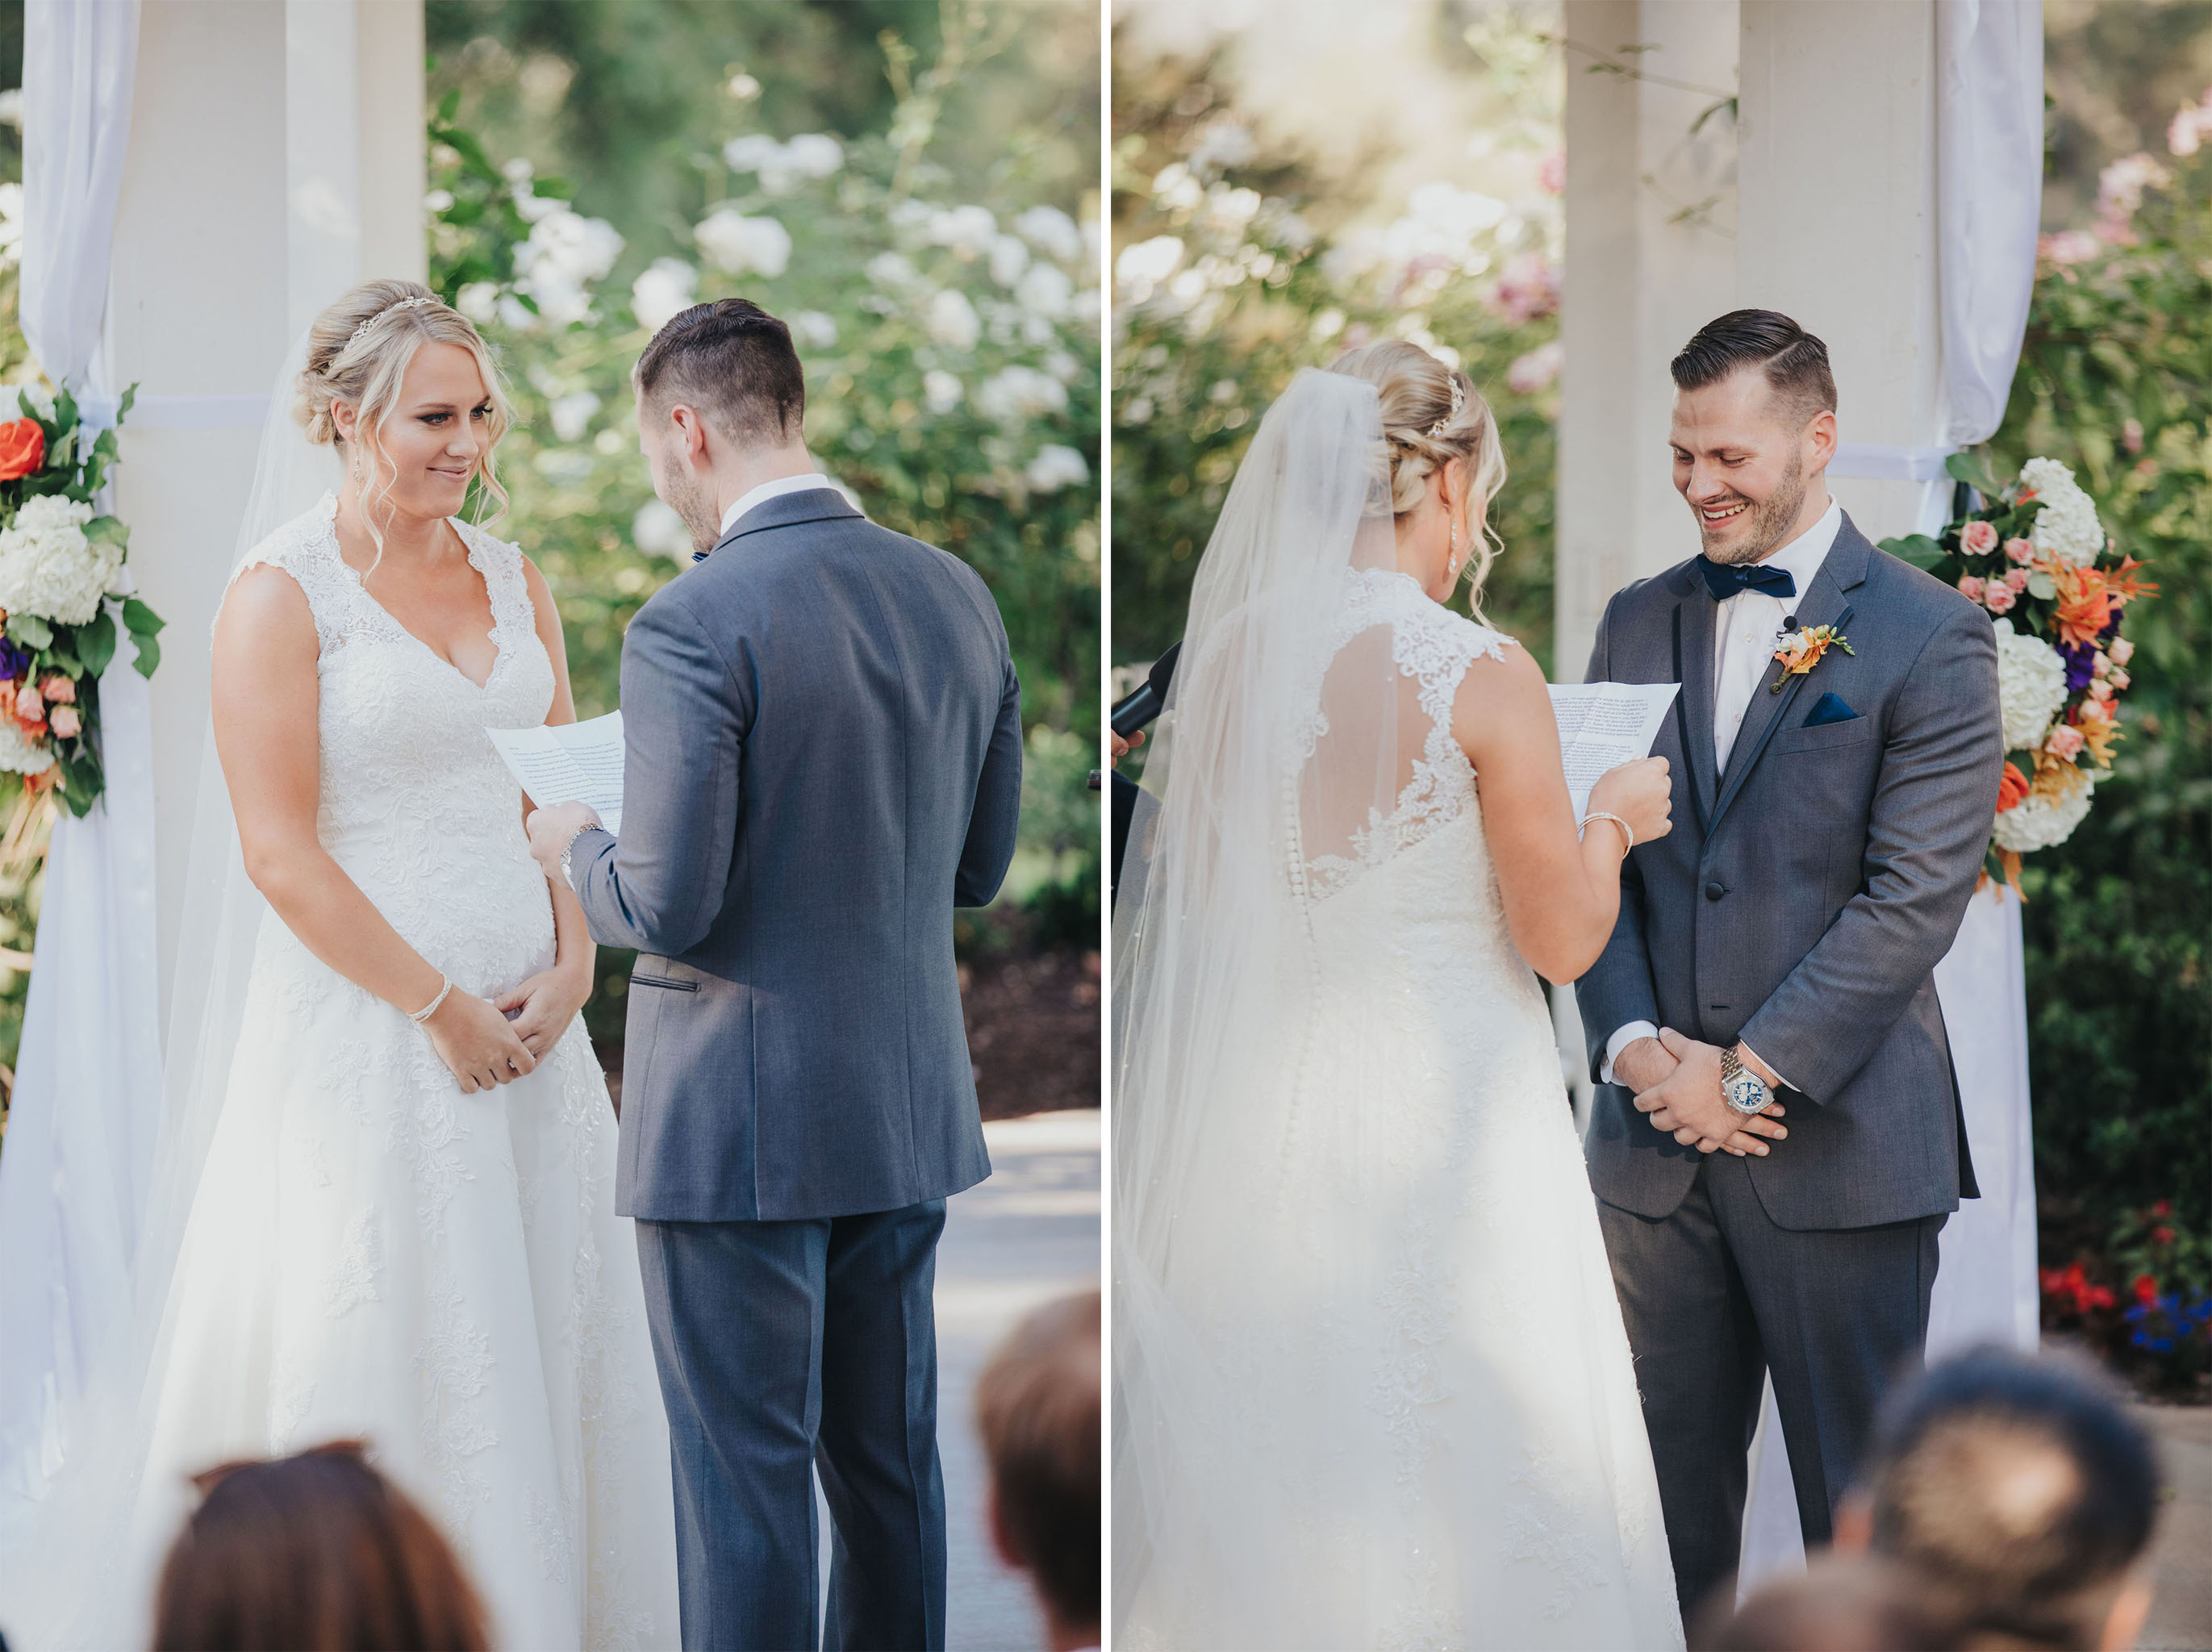 Ceremony Vows